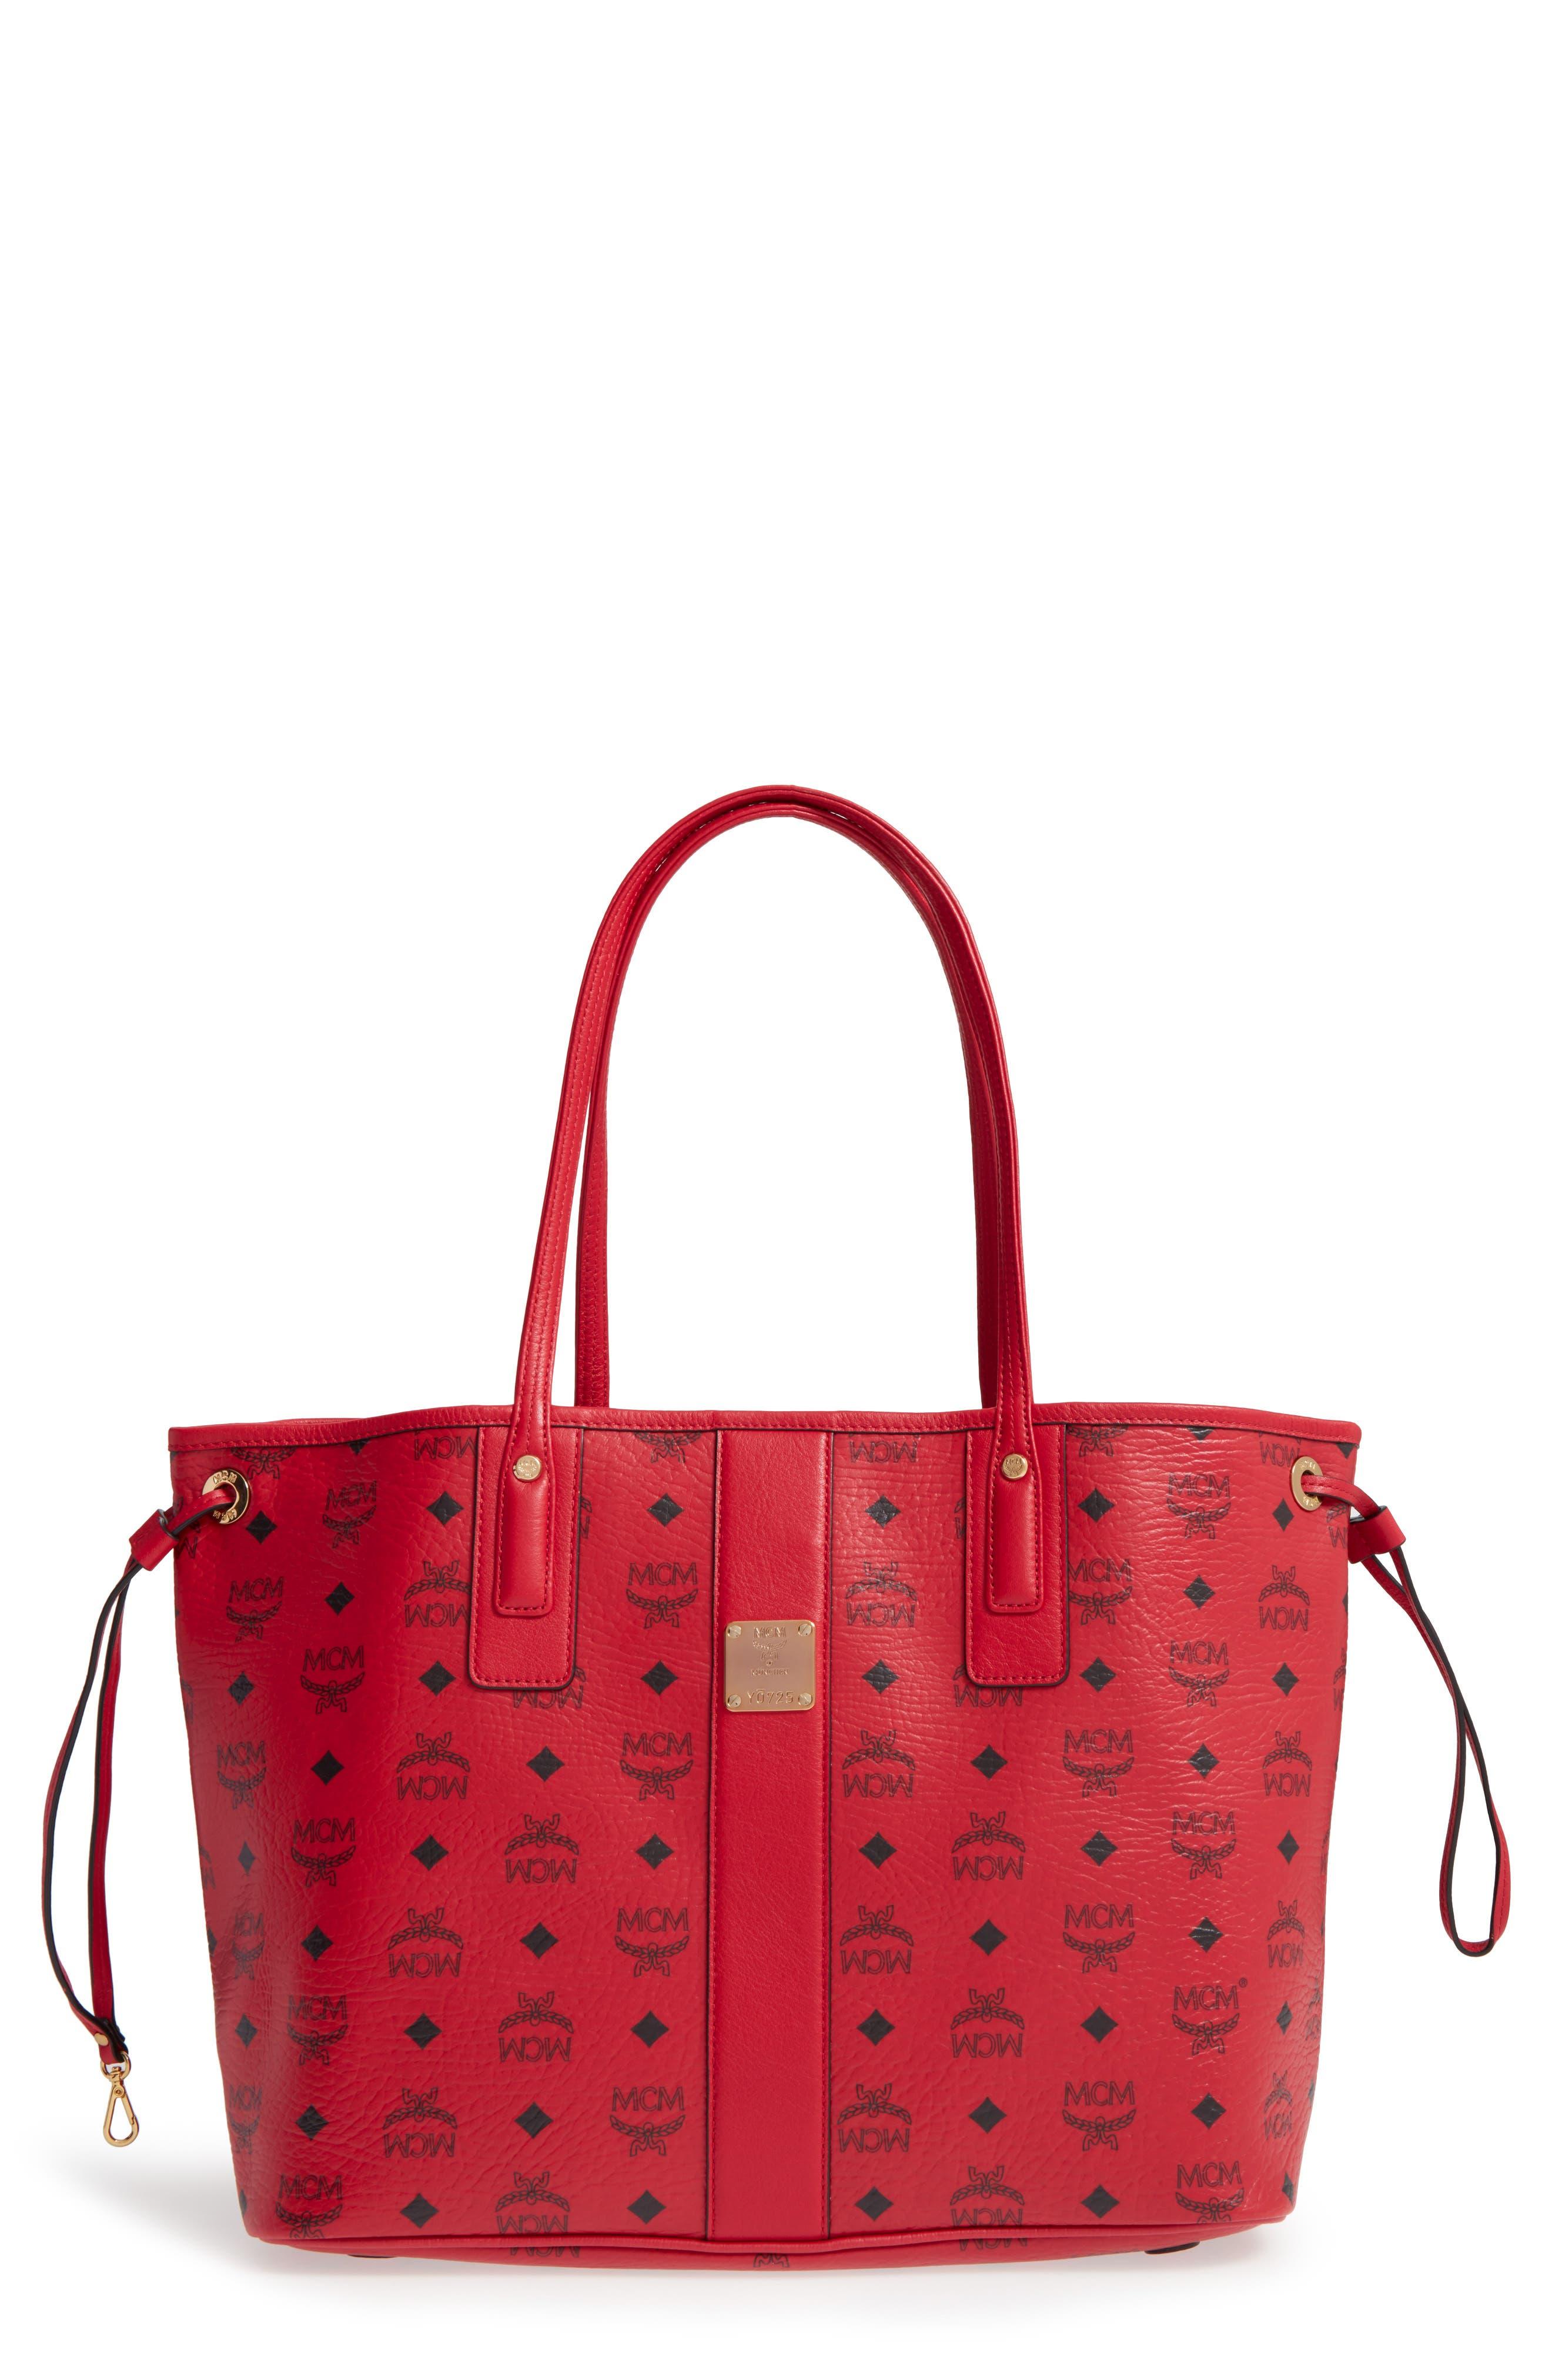 f17e12753c74 MCM Handbags, Purses & Wallets   Nordstrom